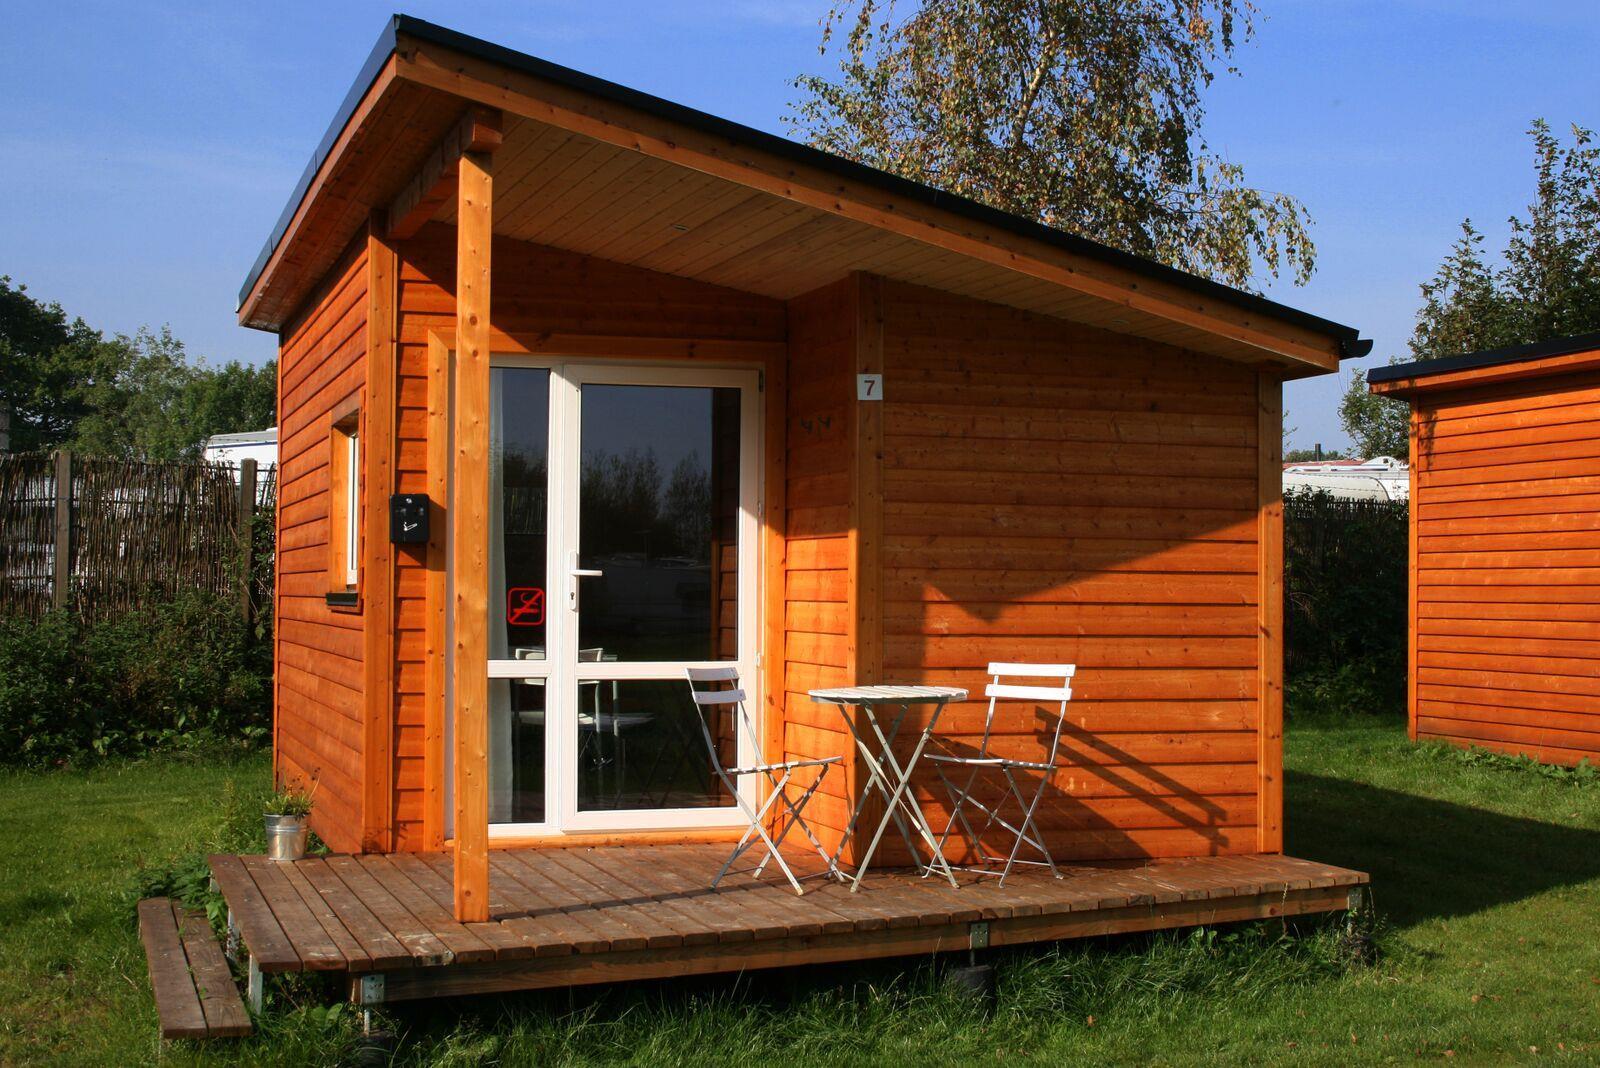 Kolding City Camp - Campinghytte - v/k vand + eget toilet - 17 m² ...